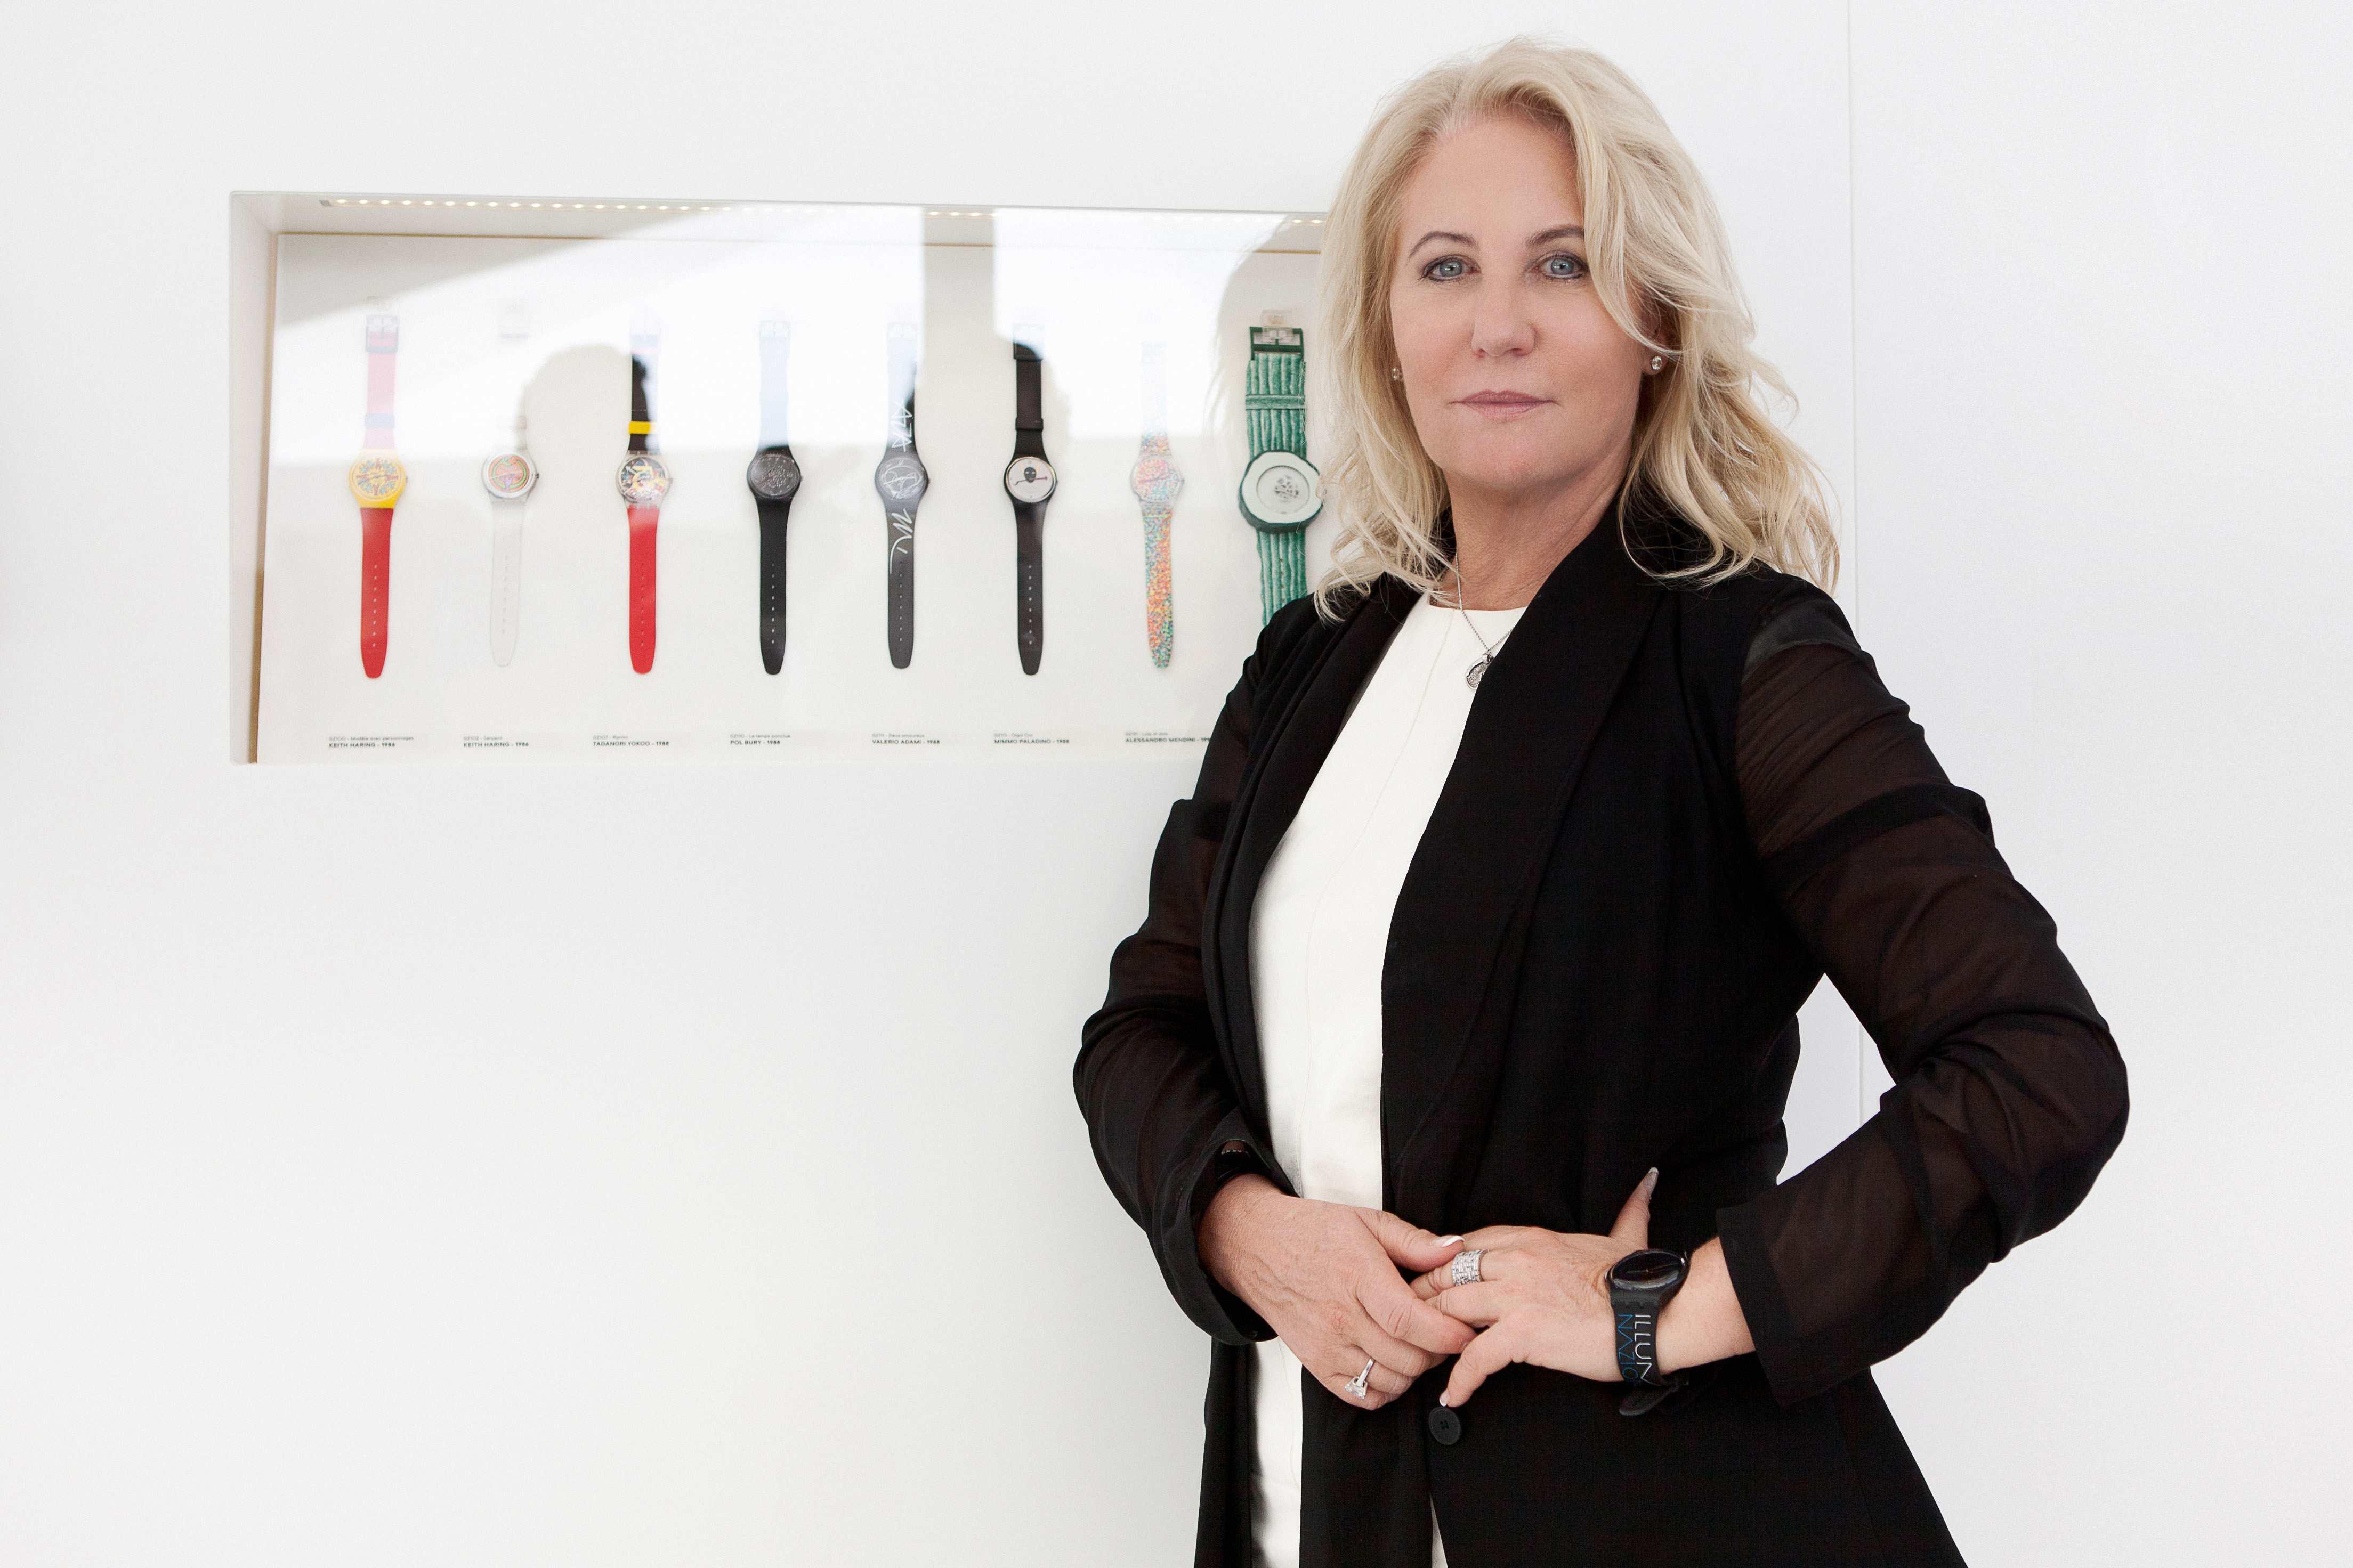 Arlette Elsa Emch, presidente di Swatch Group